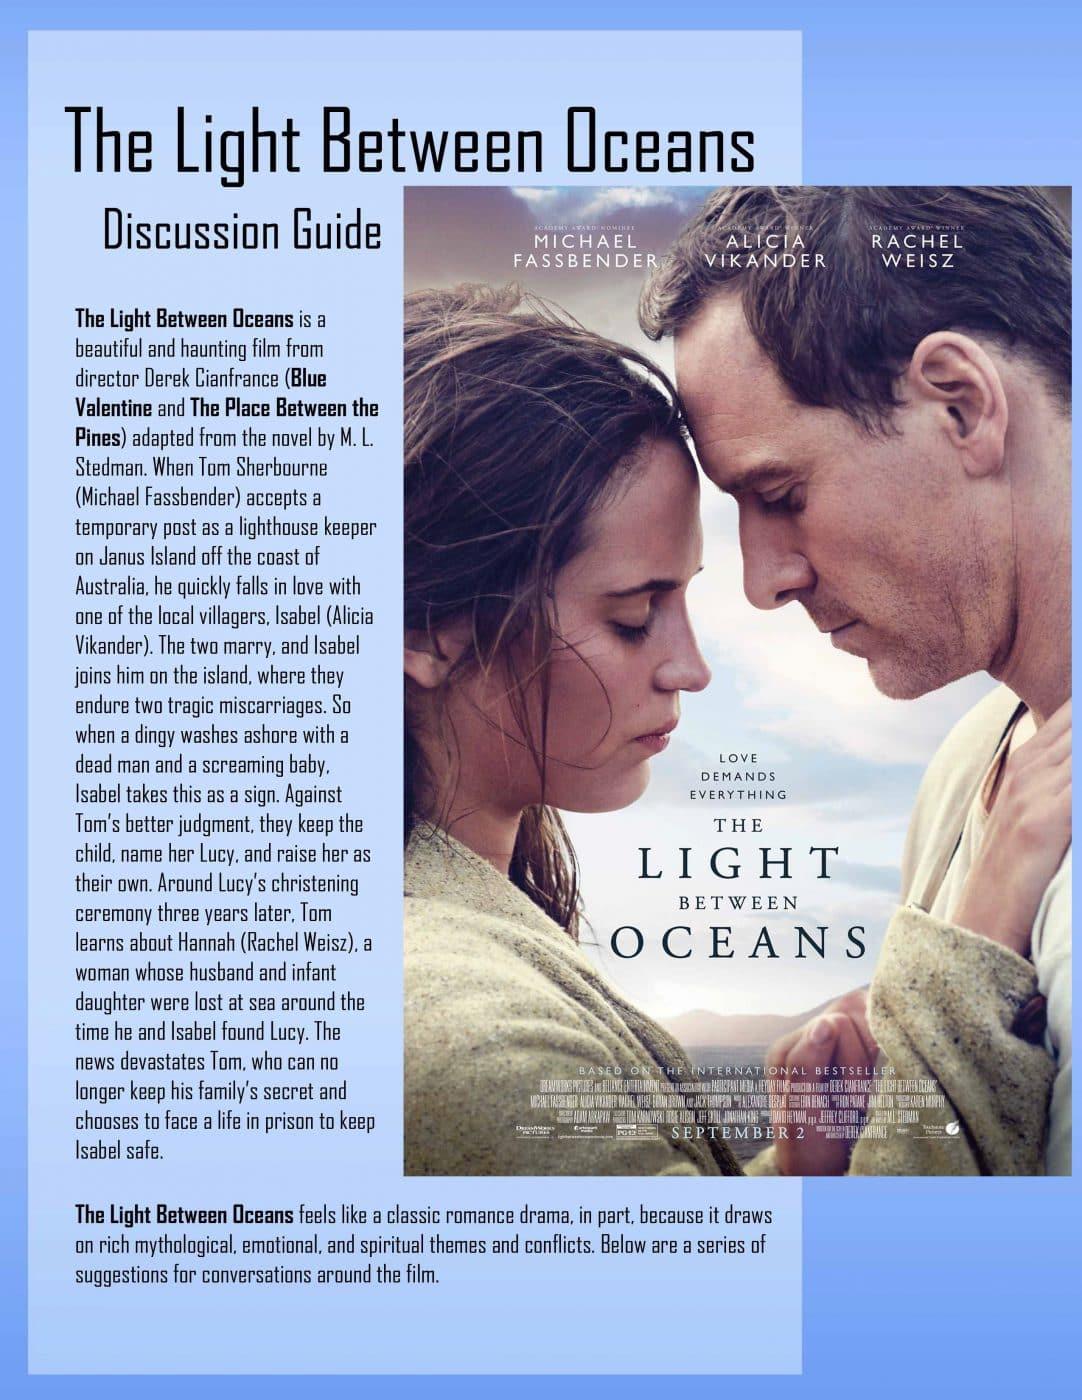 Light Between Oceans Guide